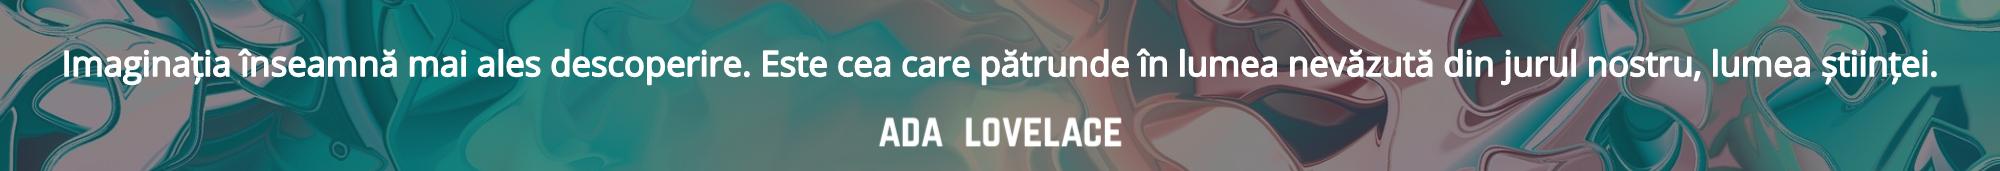 citat ada lovelace